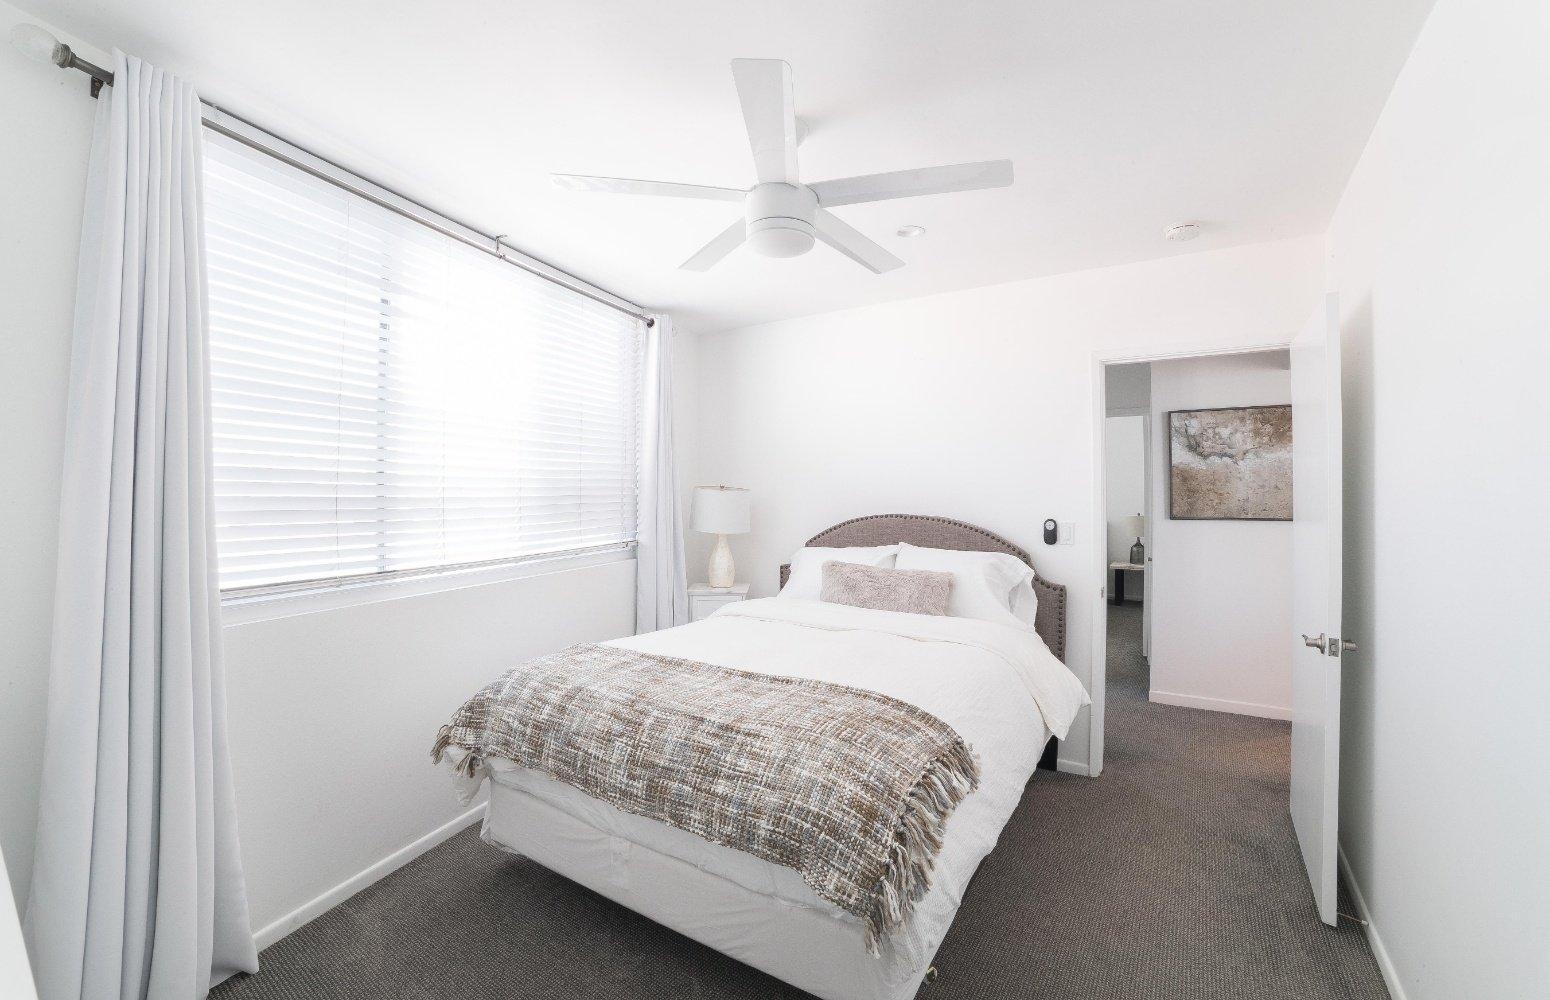 Hermosa Beach Apartment Bedroom 2